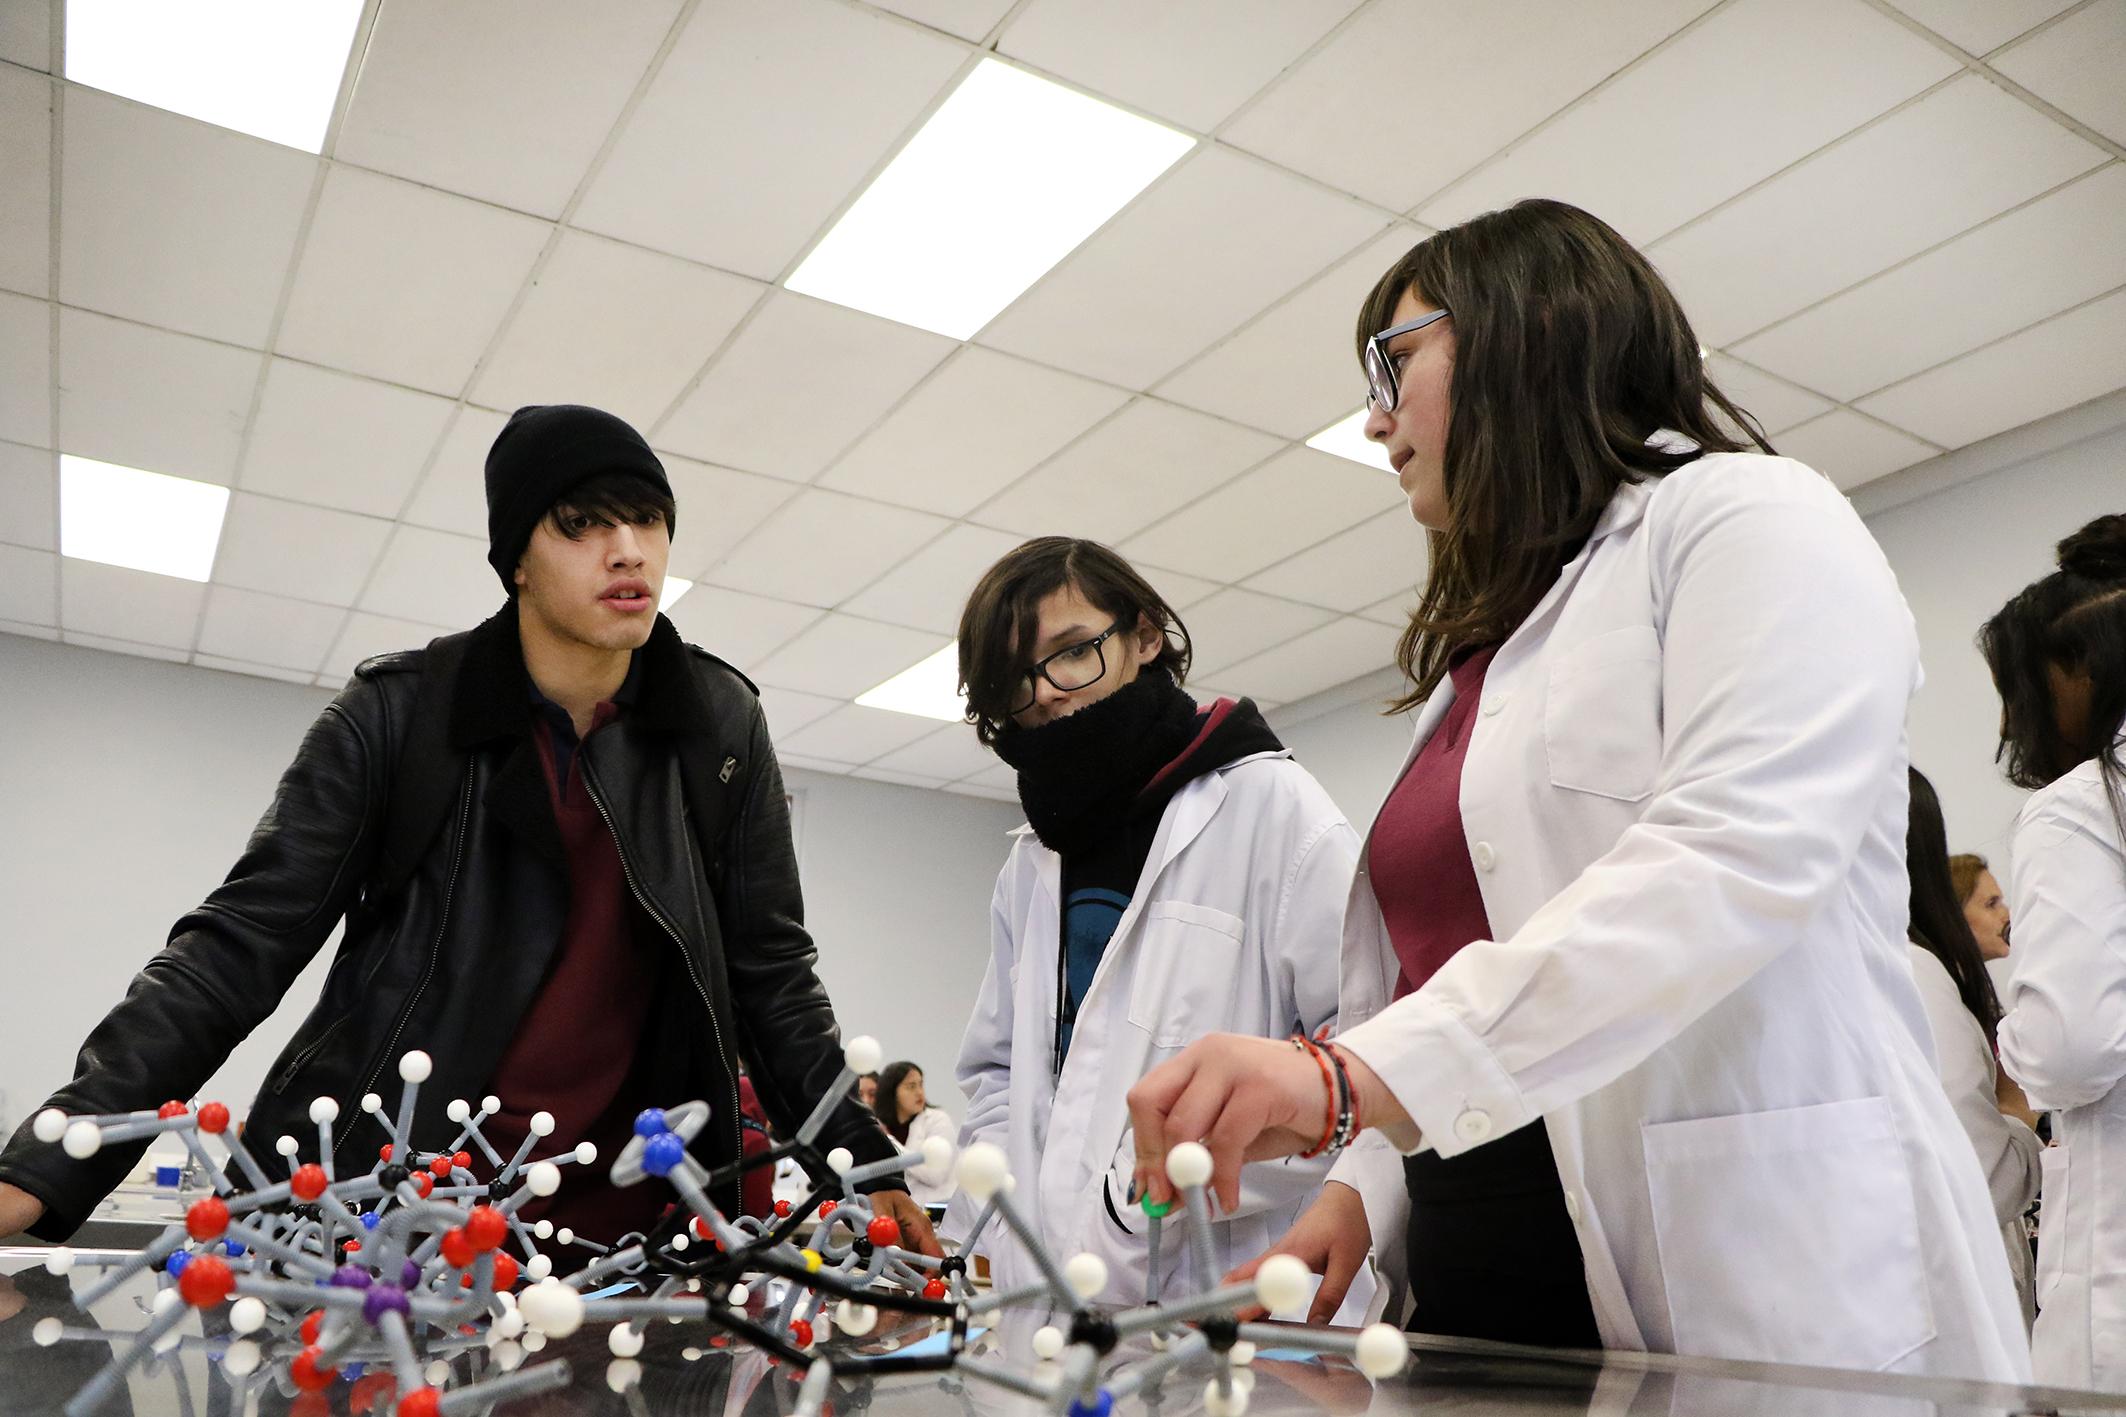 Laboratorio-de-Ciencias-Liceo-Antonio-Hermida-Fabres-13